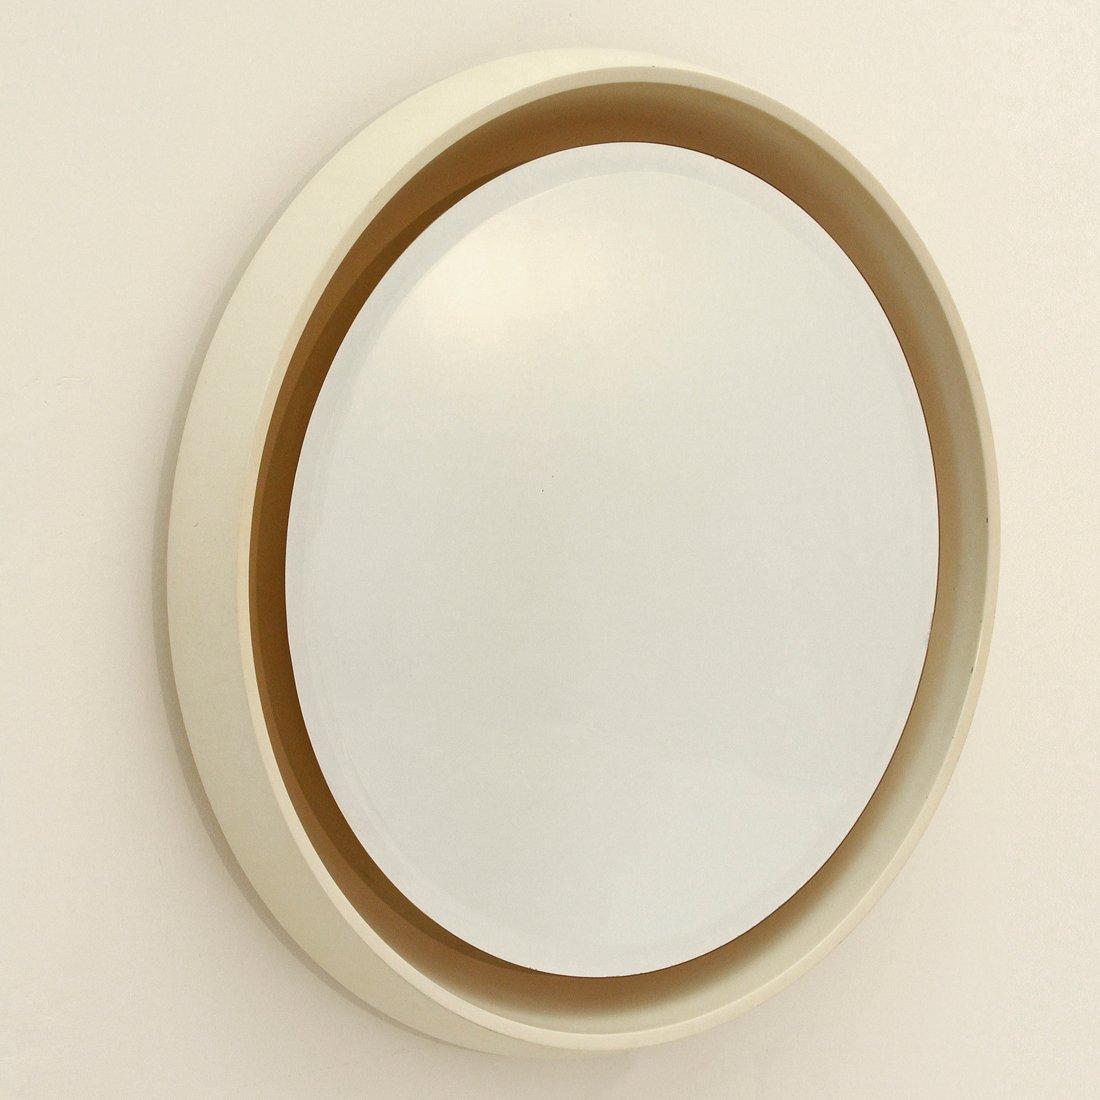 gro er beleuchteter vintage spiegel 1970er bei pamono kaufen. Black Bedroom Furniture Sets. Home Design Ideas